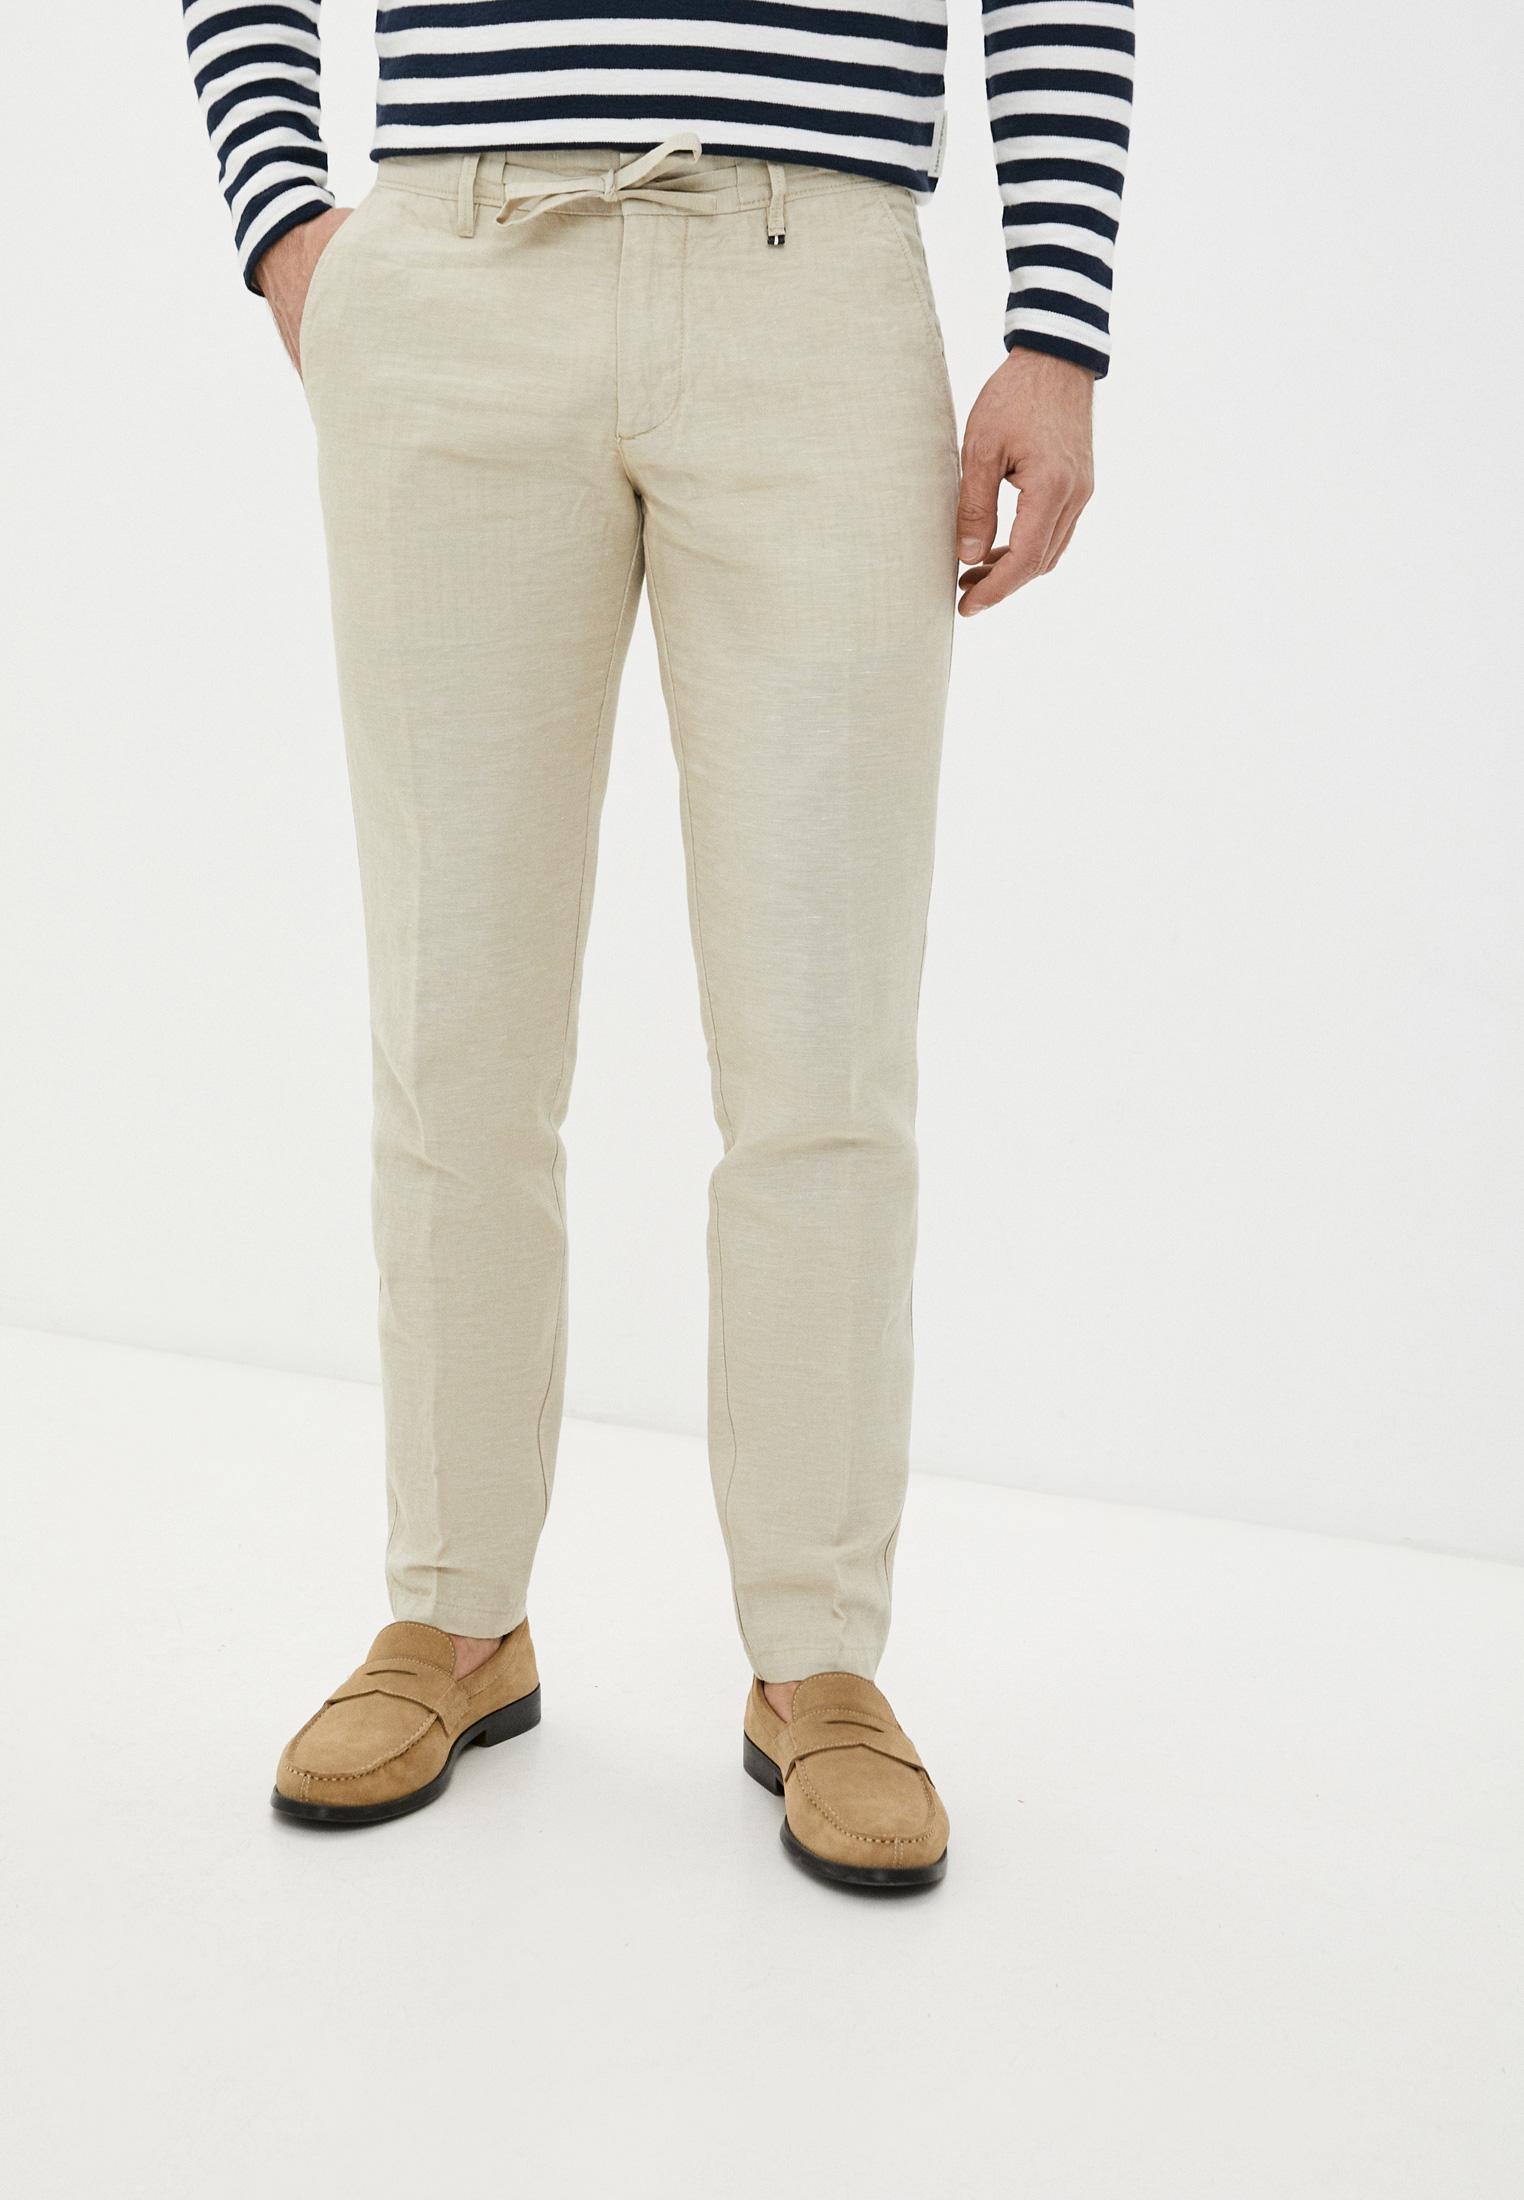 Мужские повседневные брюки Marc O`Polo Брюки Marc O'Polo